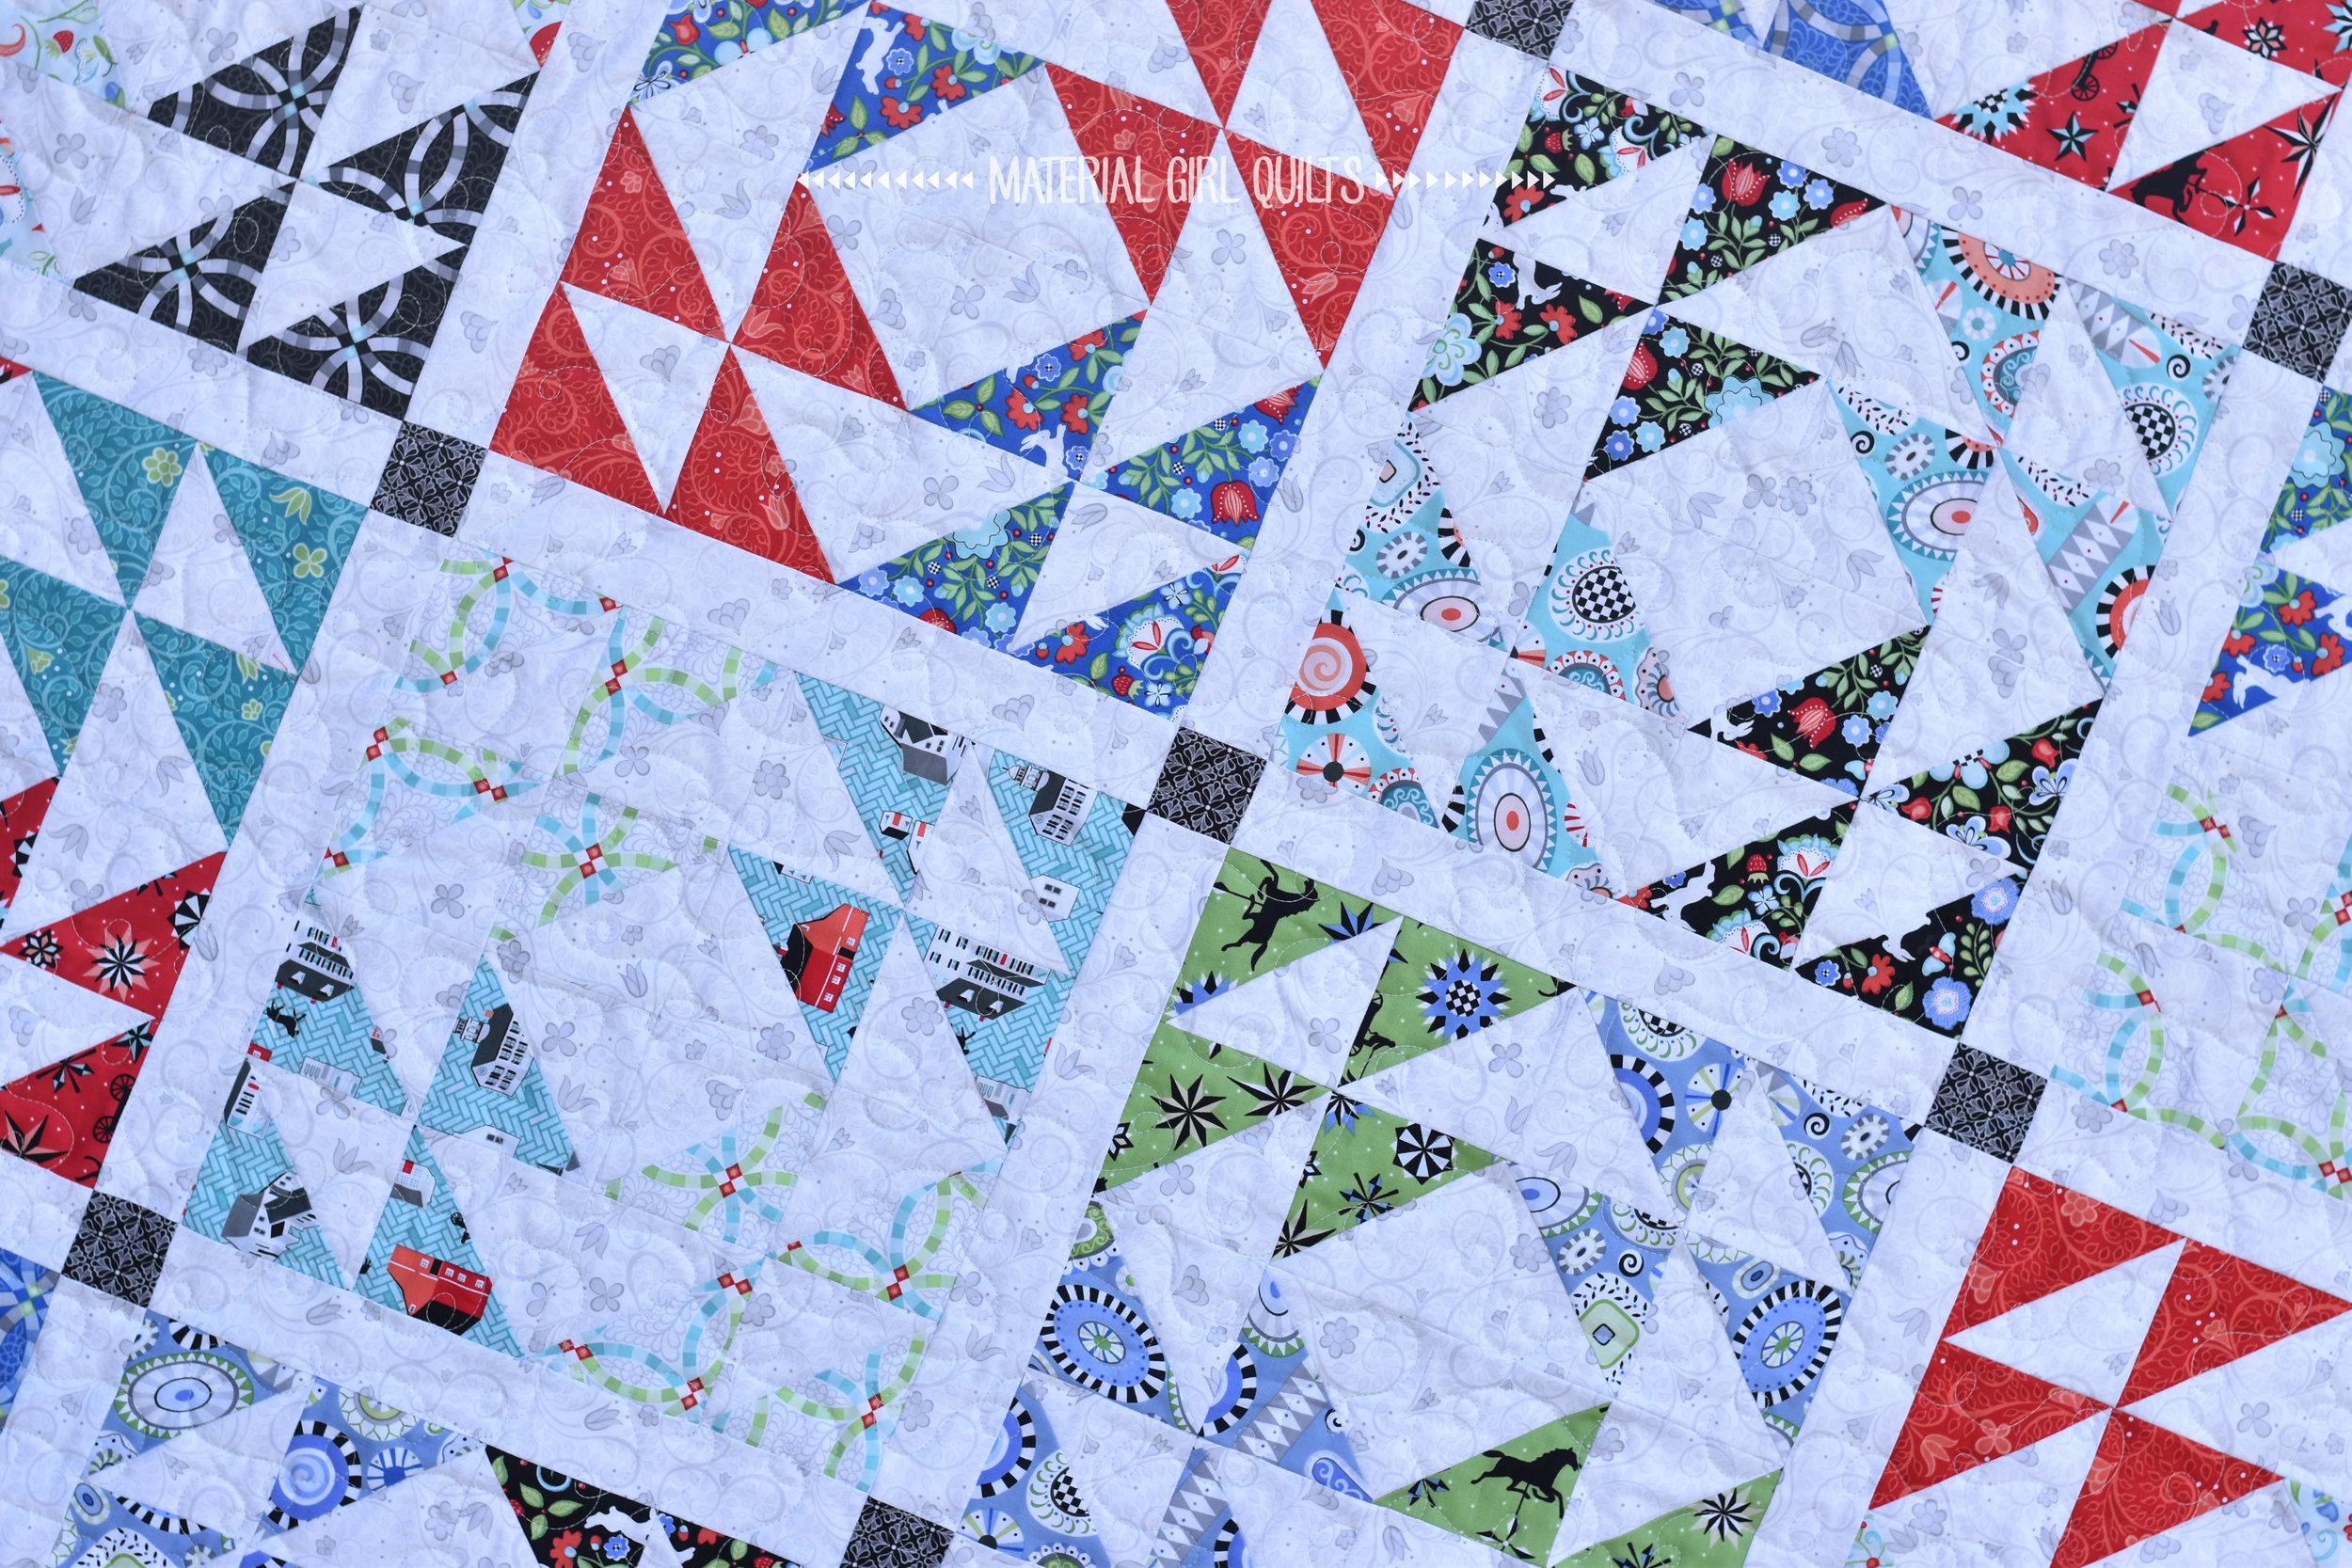 kaleidoscope-windows-quilt-detail.jpg